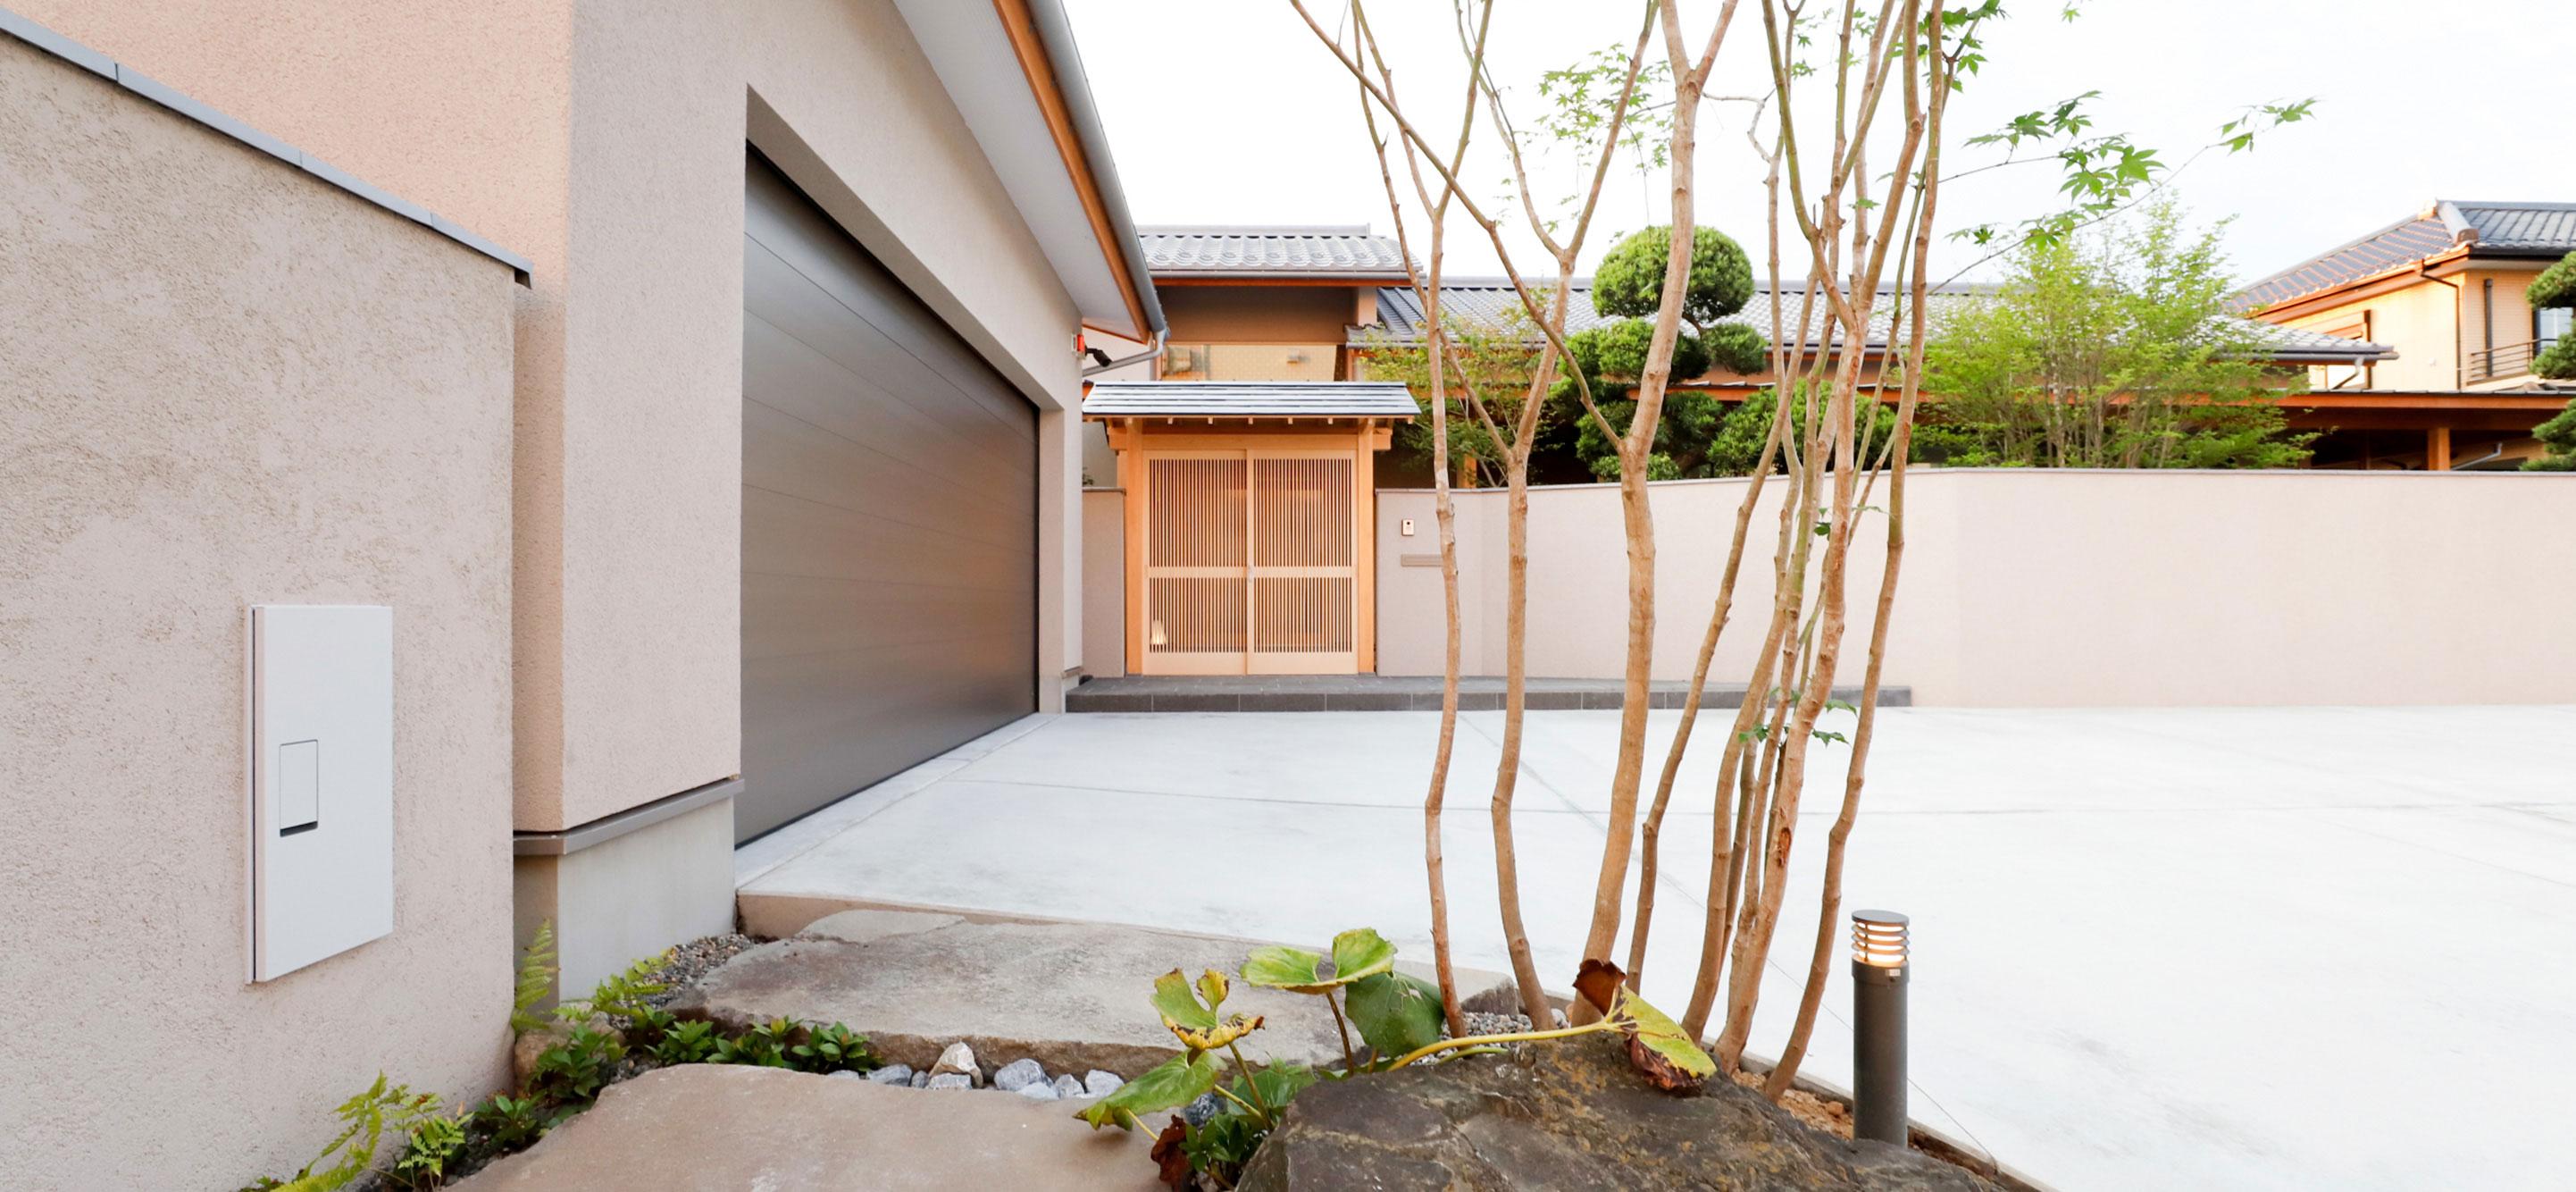 埼玉県行田市熊谷市で建設注文住宅リフォームの大野建設